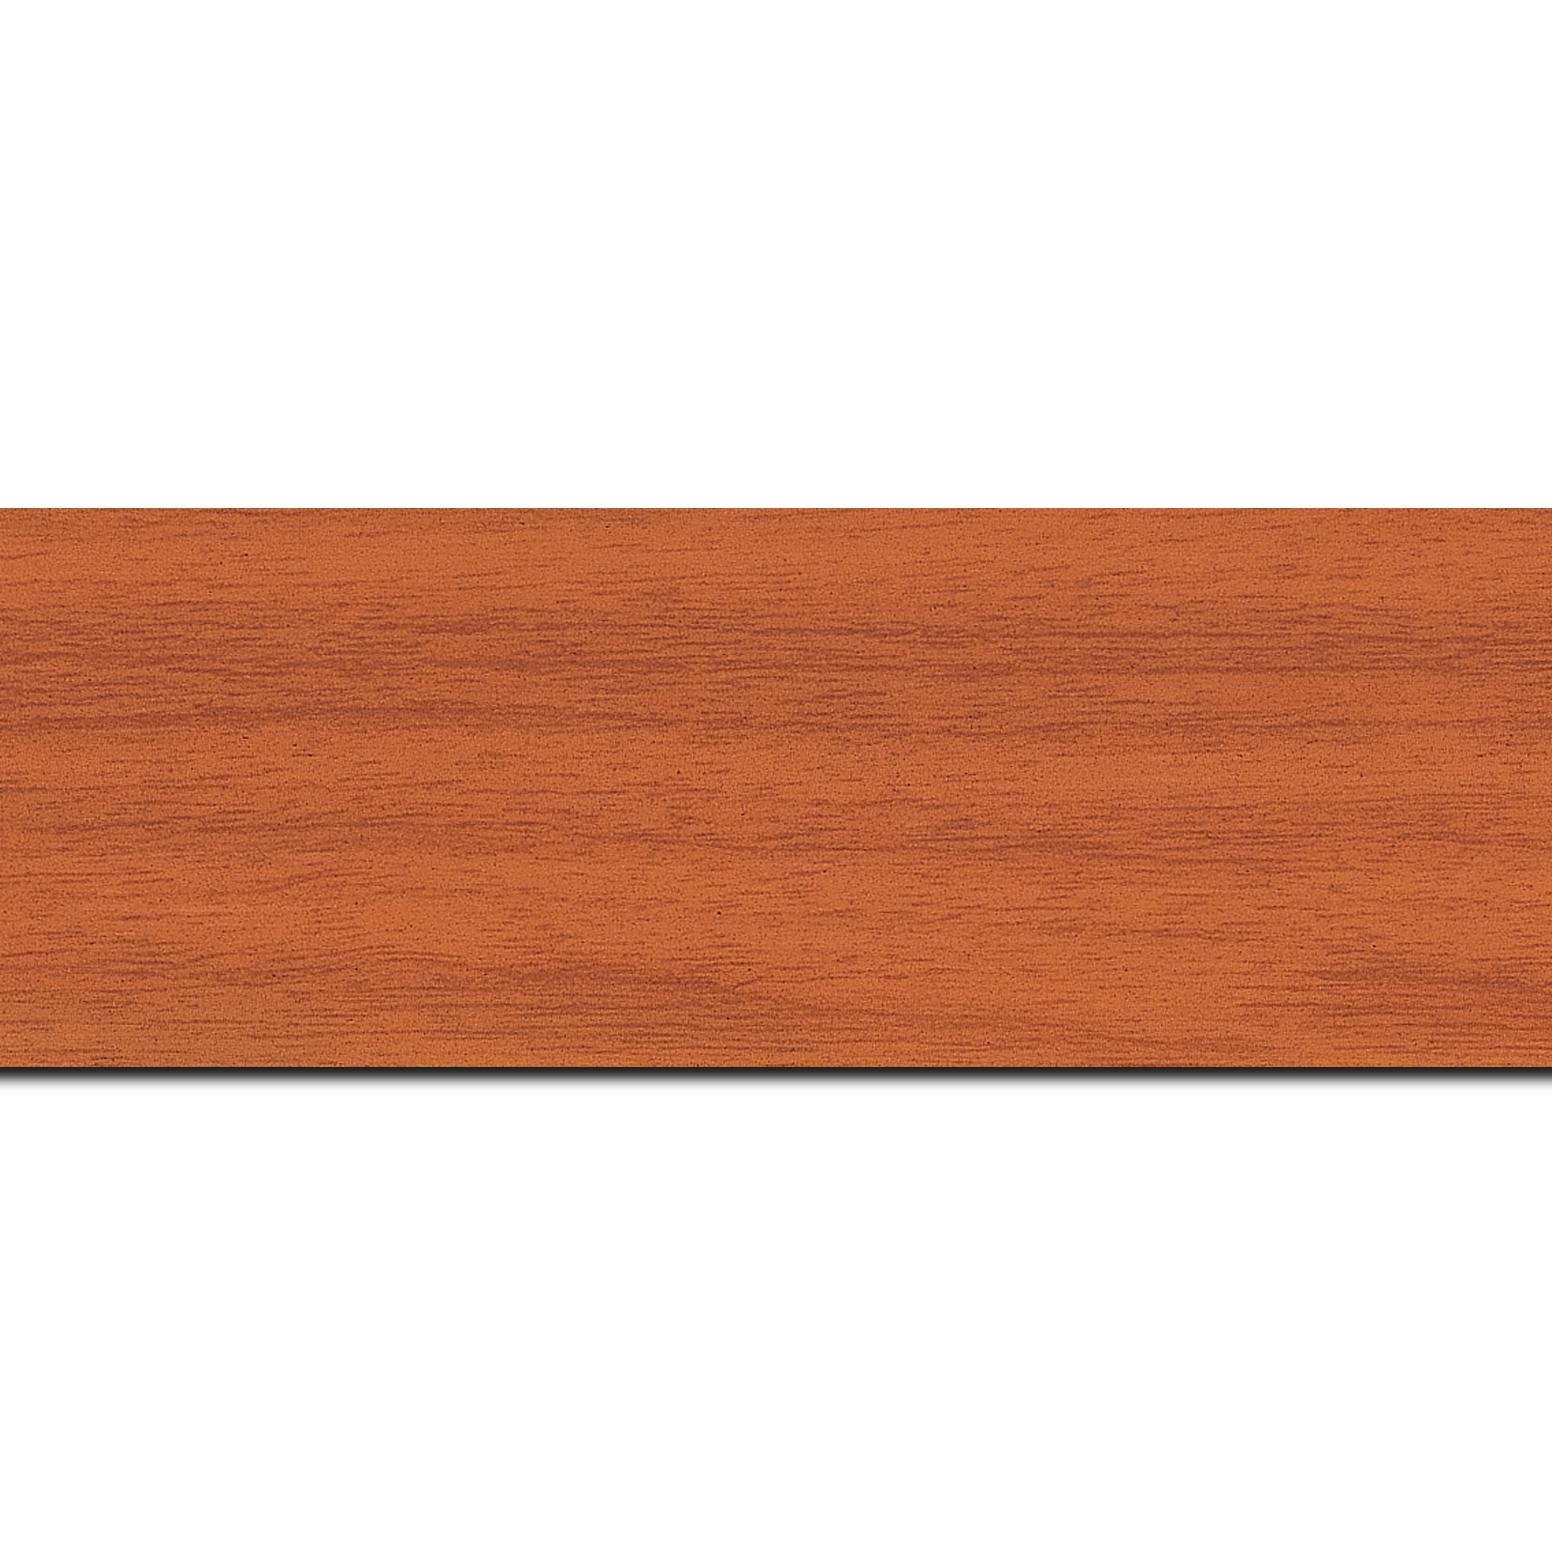 Baguette longueur 1.40m bois profil plat largeur 6cm orange satiné effet veiné ,chant extérieur du cadre de couleur noire